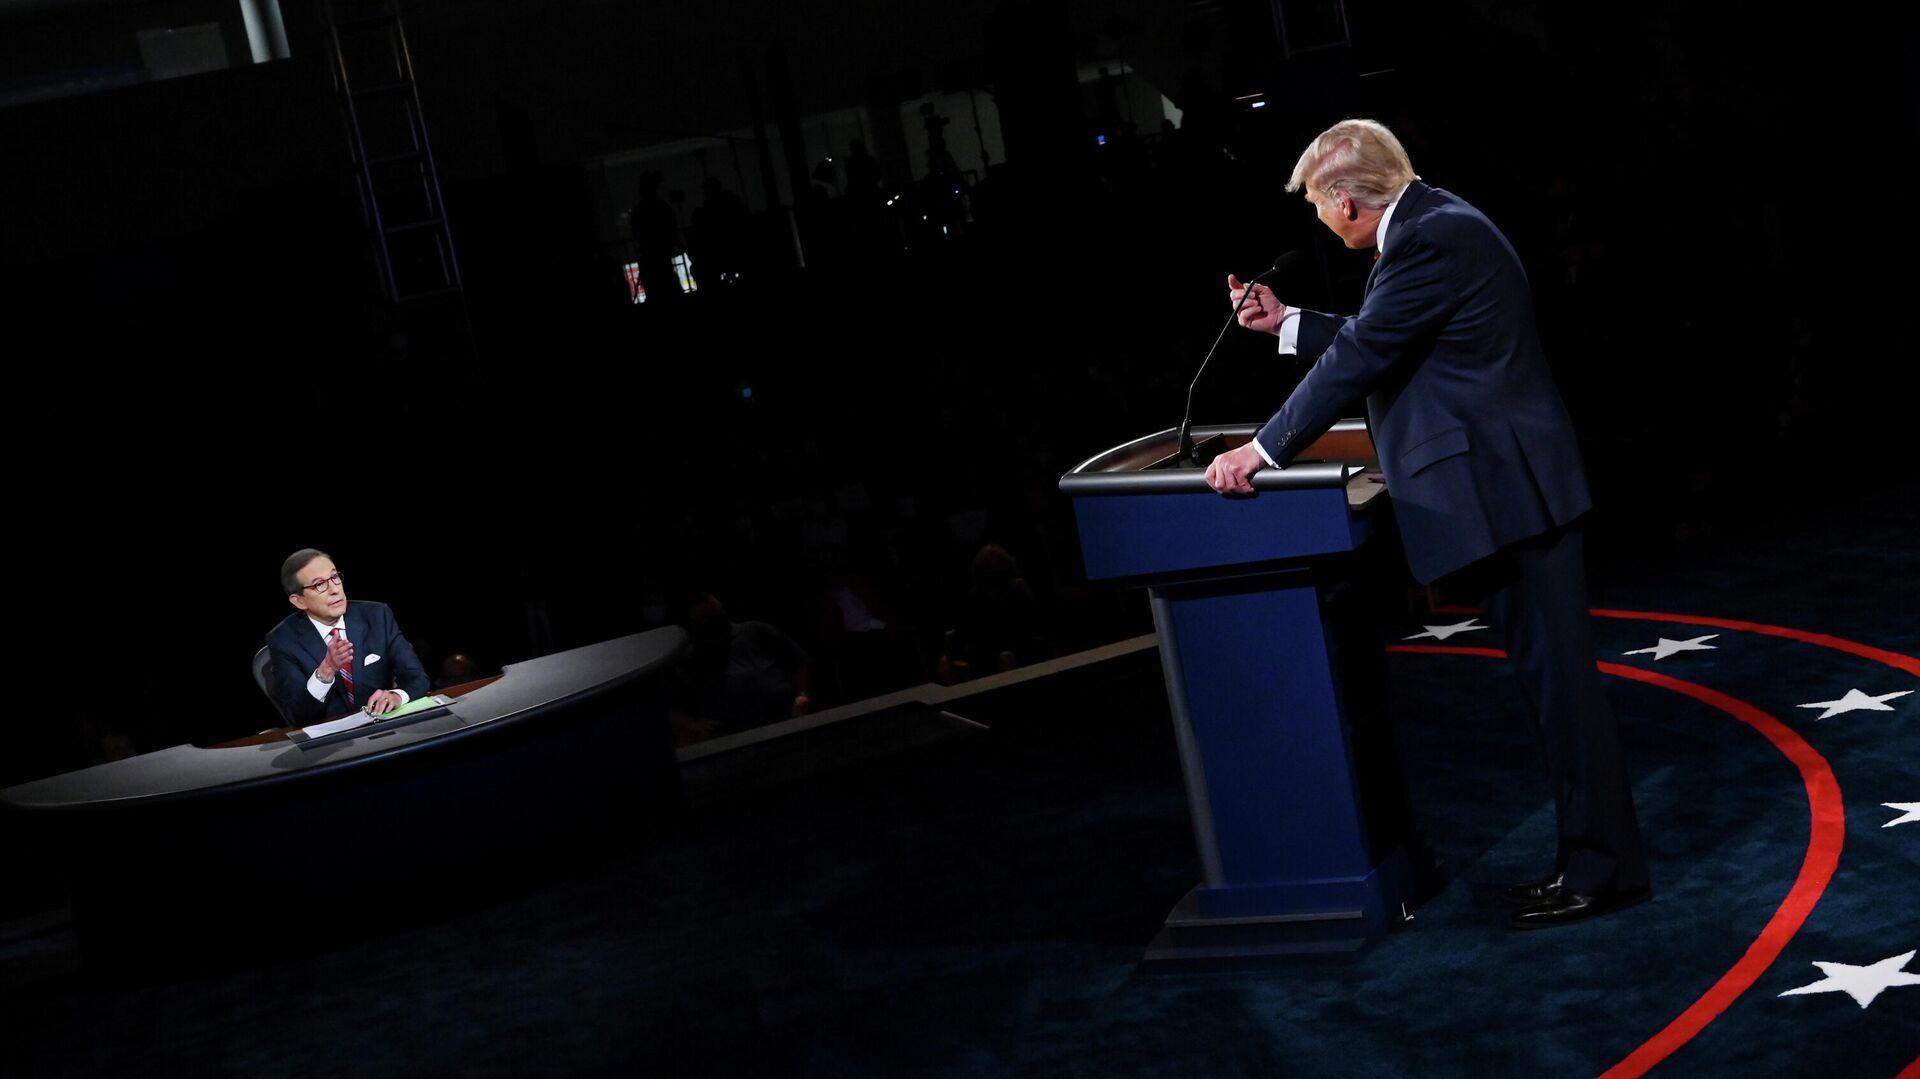 Дебаты Дональда Трампа и Джо Байдена в США - РИА Новости, 1920, 08.10.2020